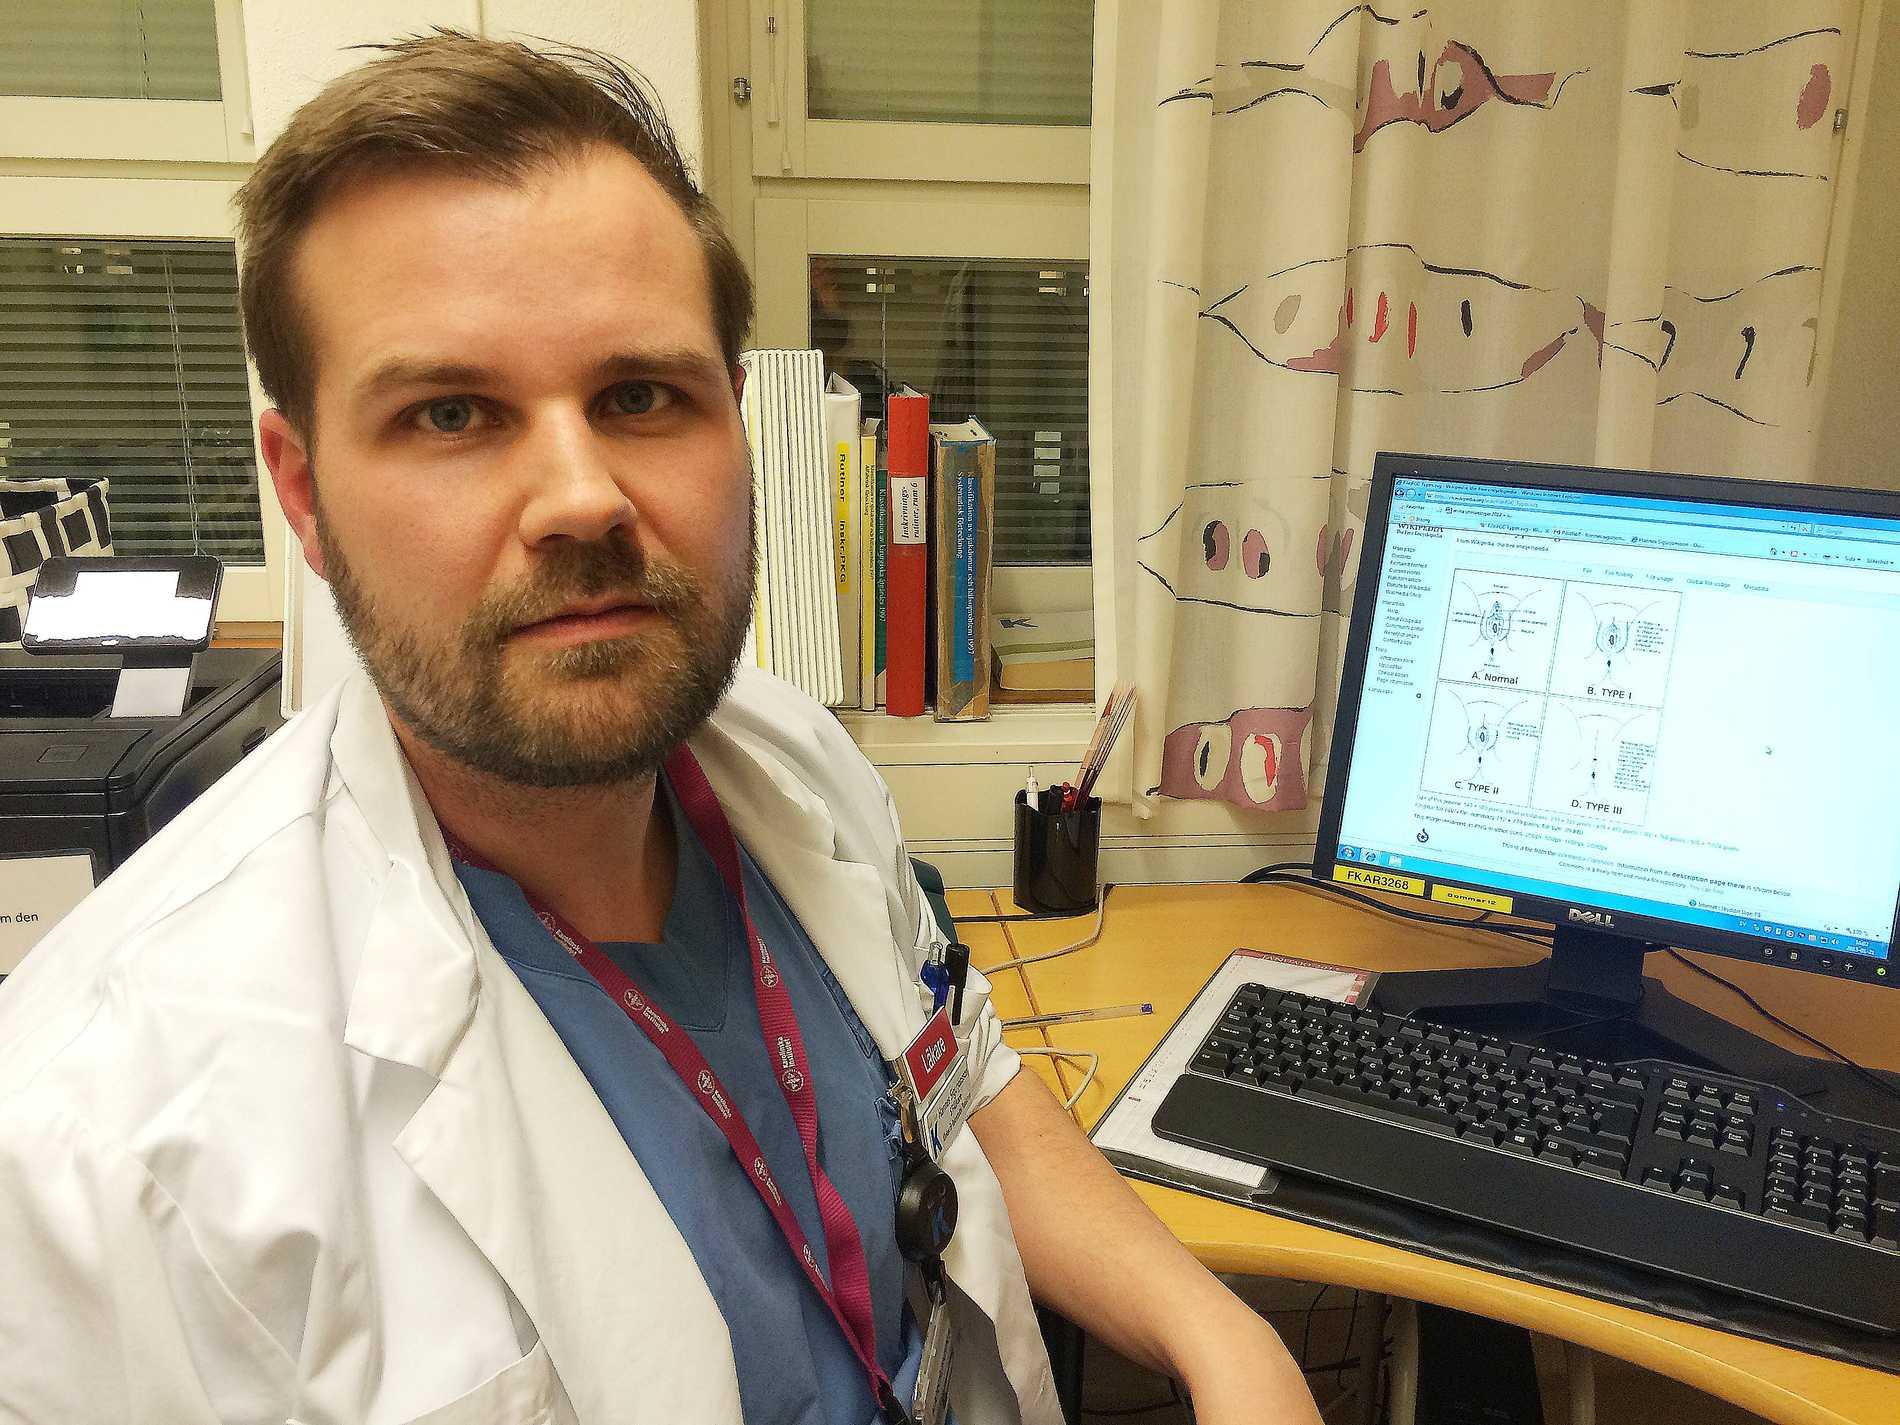 Hannes Sigurjónsson, plastikkirurg på Karolinska sjukhuset.